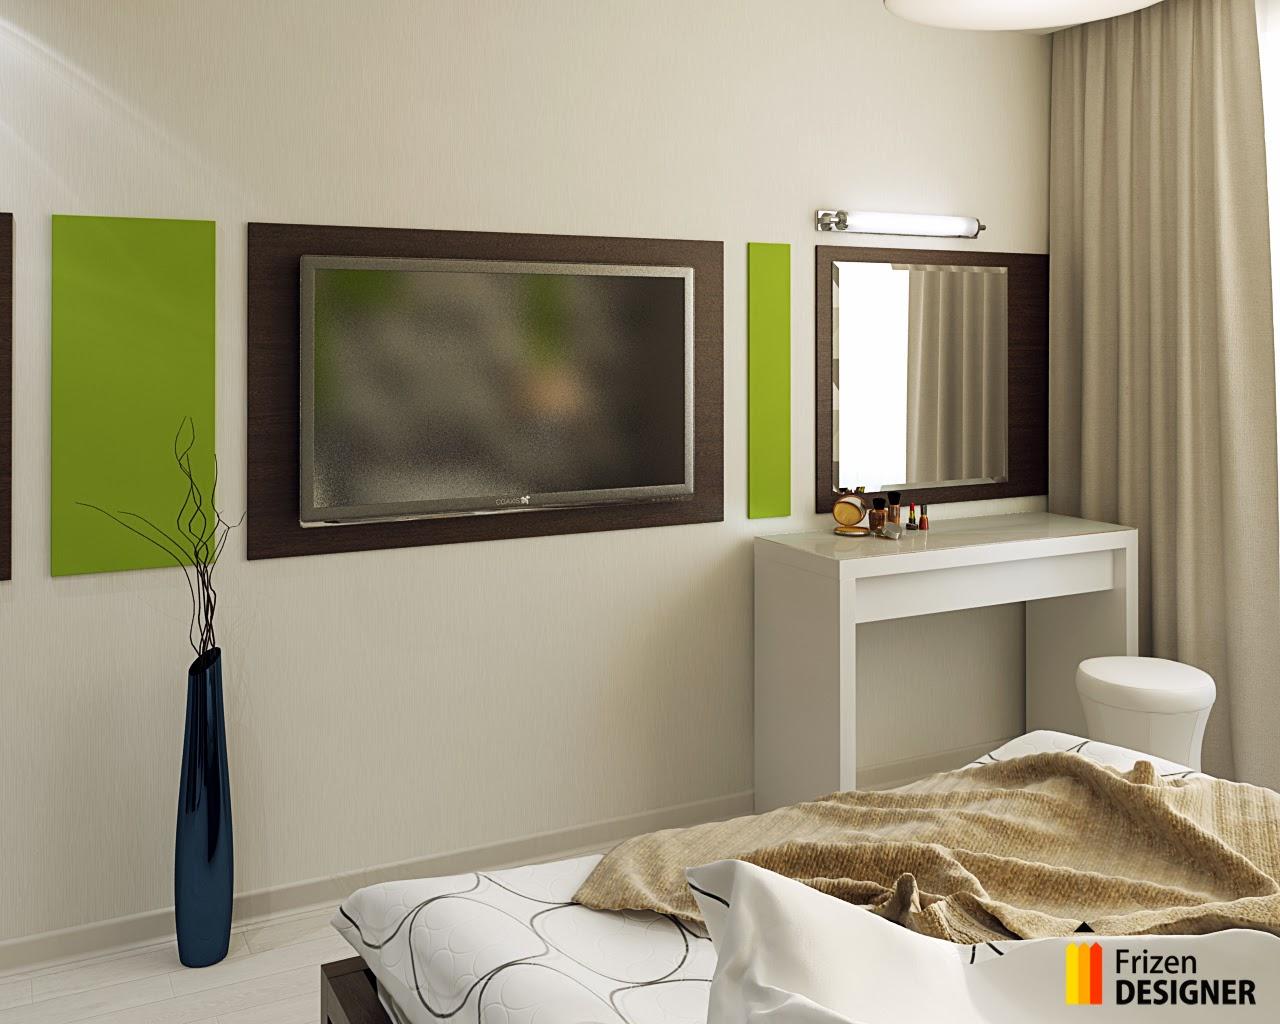 Ikea дизайн квартиры